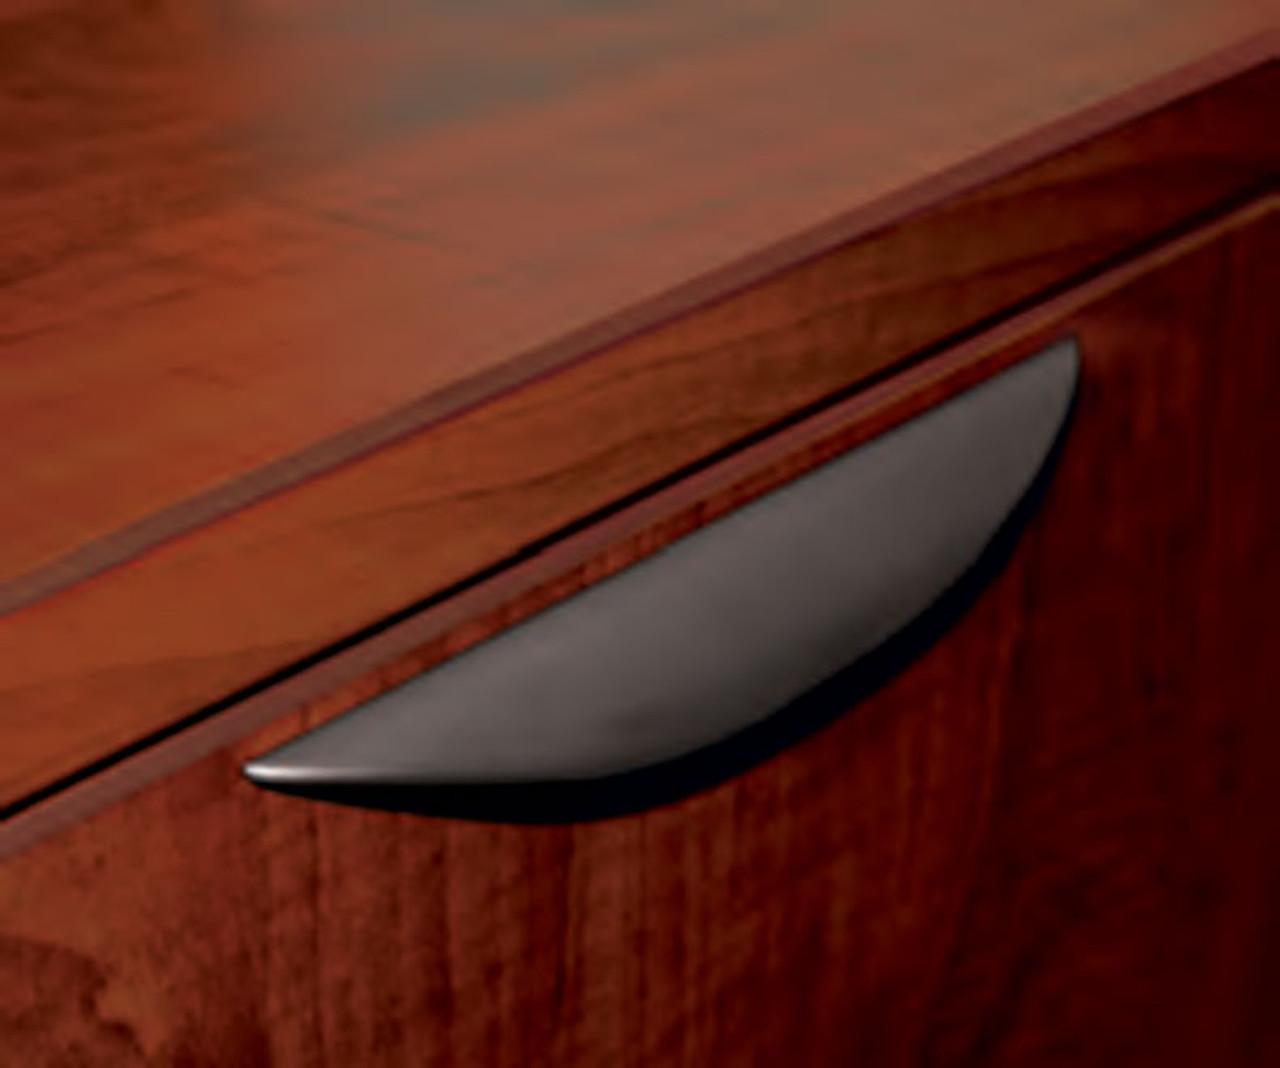 One Person Workstation w/Acrylic Aluminum Privacy Panel, #OT-SUL-HPO124